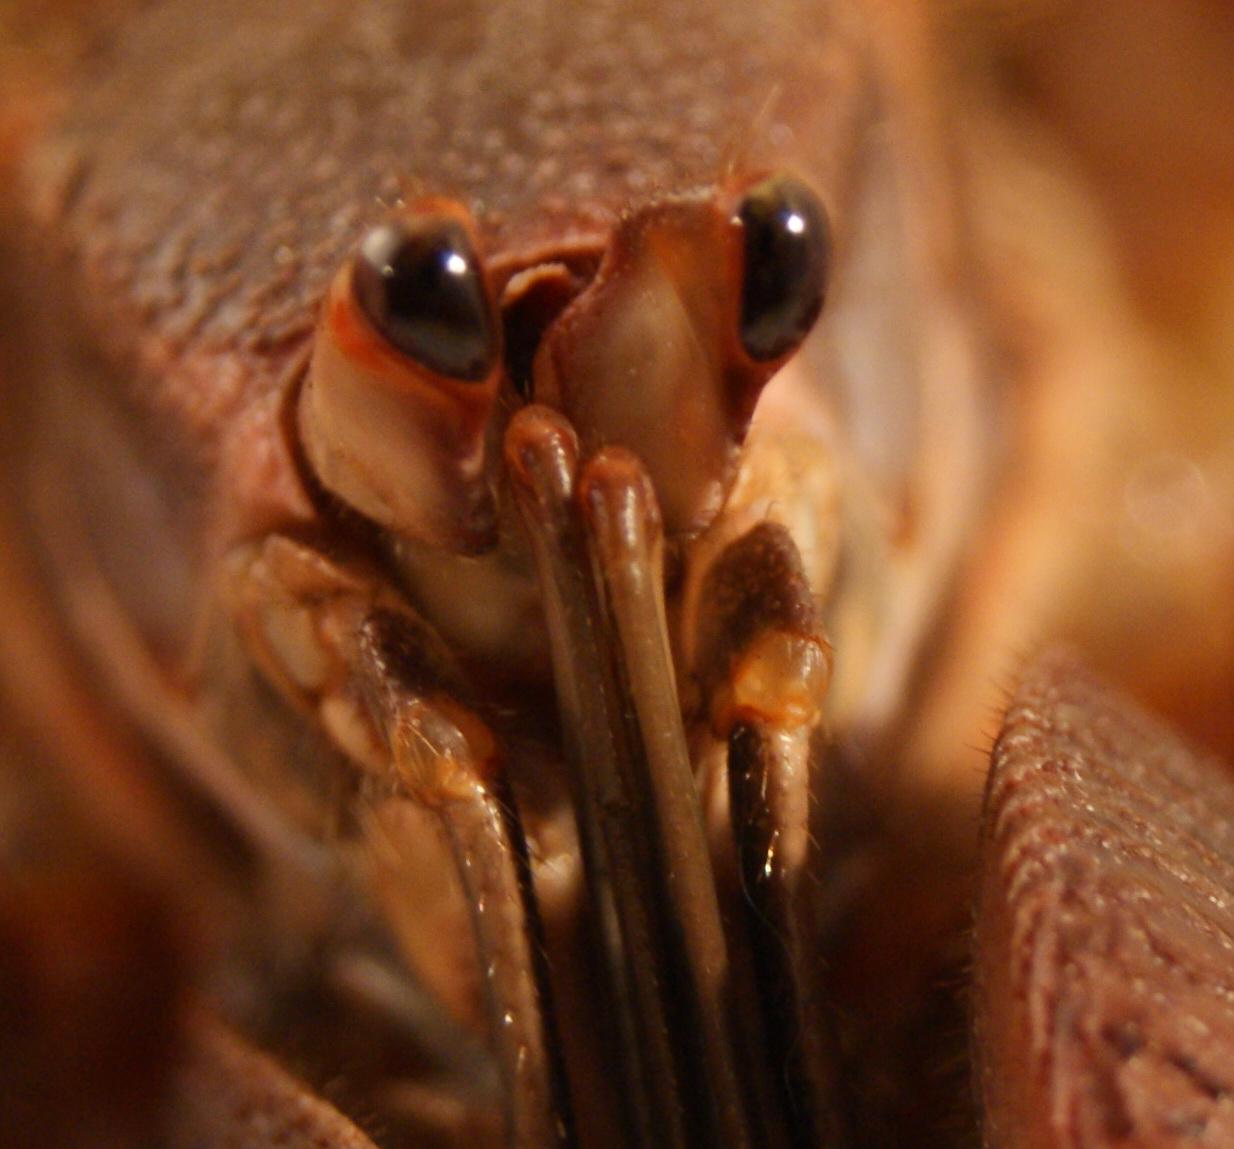 Coenobita eyes